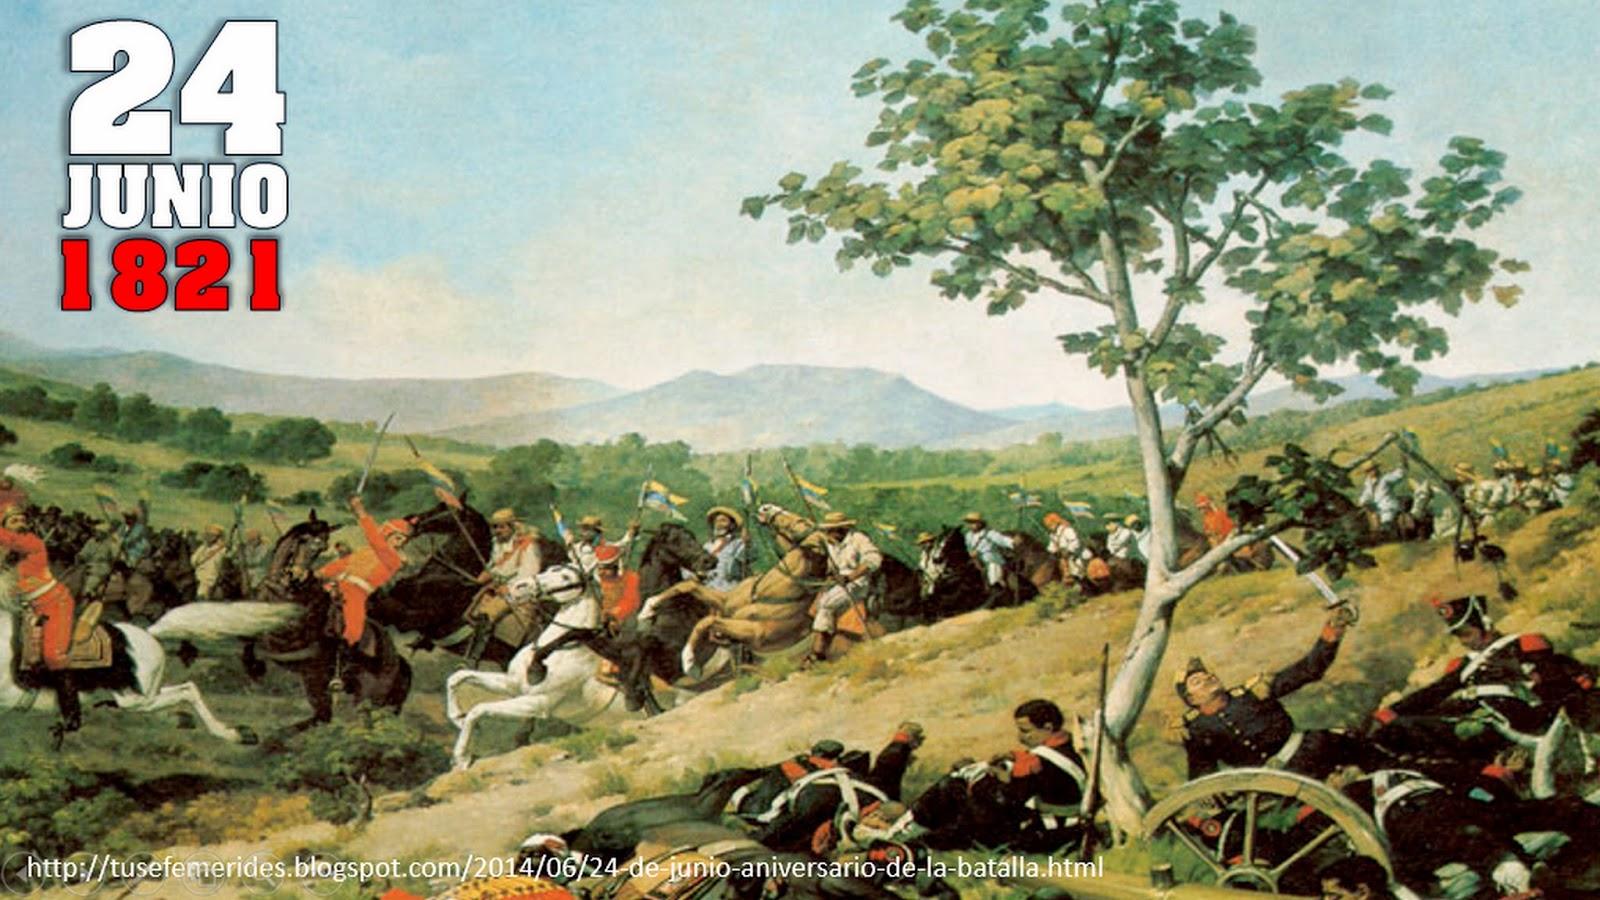 Tus Efemérides Escolares: 24 de Junio Aniversario de la Batalla de ...